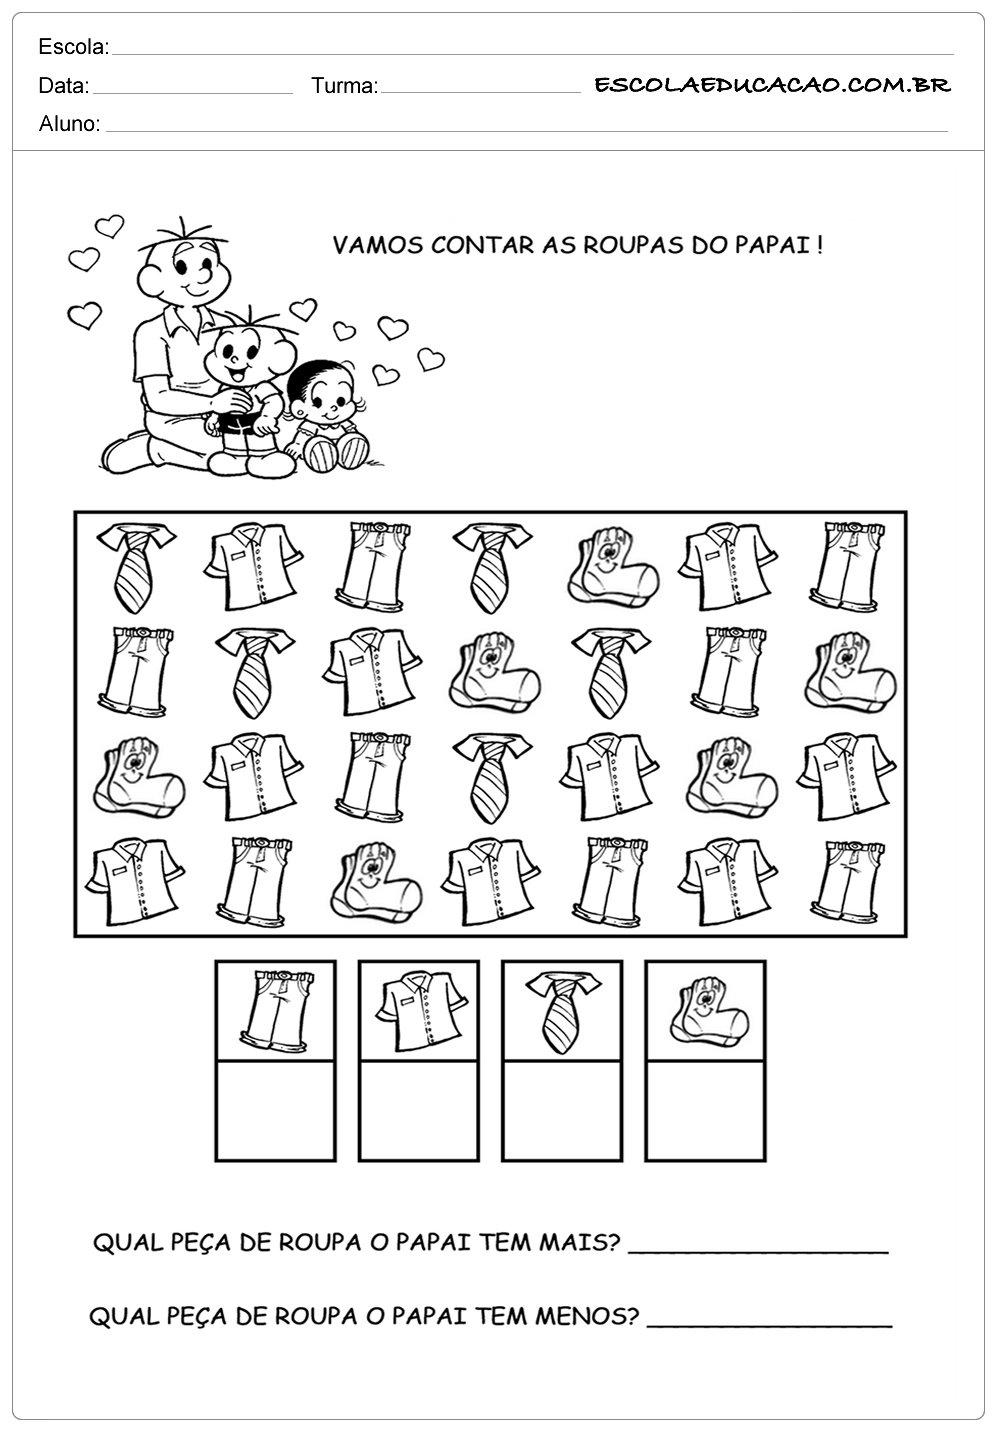 Atividade Dia dos Pais – Vamos contar as roupas do papai